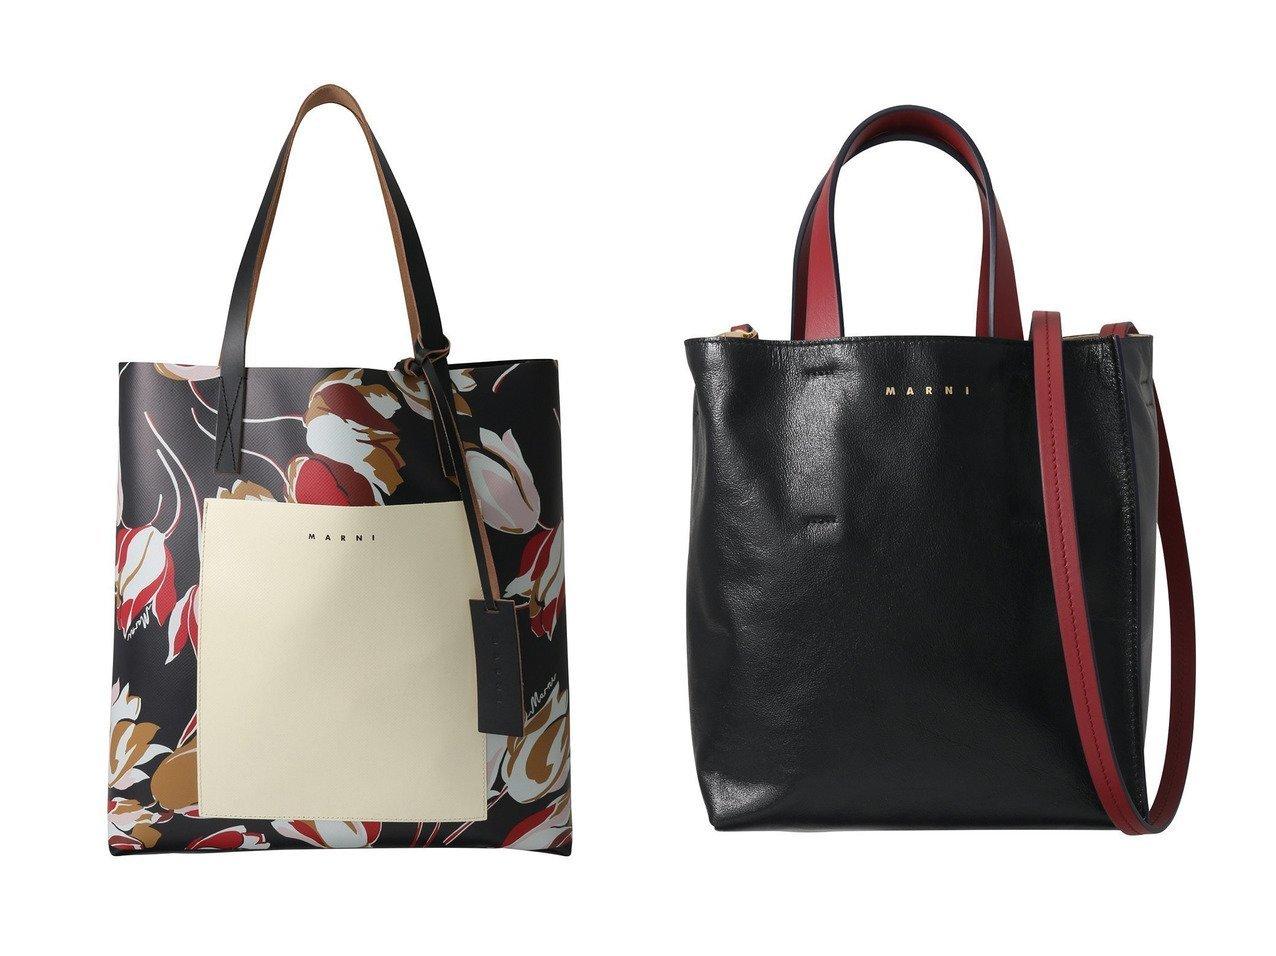 【MARNI/マルニ】のポケット付きプリントトートバッグ&MUSEO SOFT MINI 2wayトートバッグ 【バッグ・鞄】おすすめ!人気、トレンド・レディースファッションの通販 おすすめで人気の流行・トレンド、ファッションの通販商品 インテリア・家具・メンズファッション・キッズファッション・レディースファッション・服の通販 founy(ファニー) https://founy.com/ ファッション Fashion レディースファッション WOMEN バッグ Bag 2021年 2021 2021-2022秋冬・A/W AW・Autumn/Winter・FW・Fall-Winter・2021-2022 A/W・秋冬 AW・Autumn/Winter・FW・Fall-Winter フォルム ブロック フラワー プリント ポケット 無地  ID:crp329100000054073